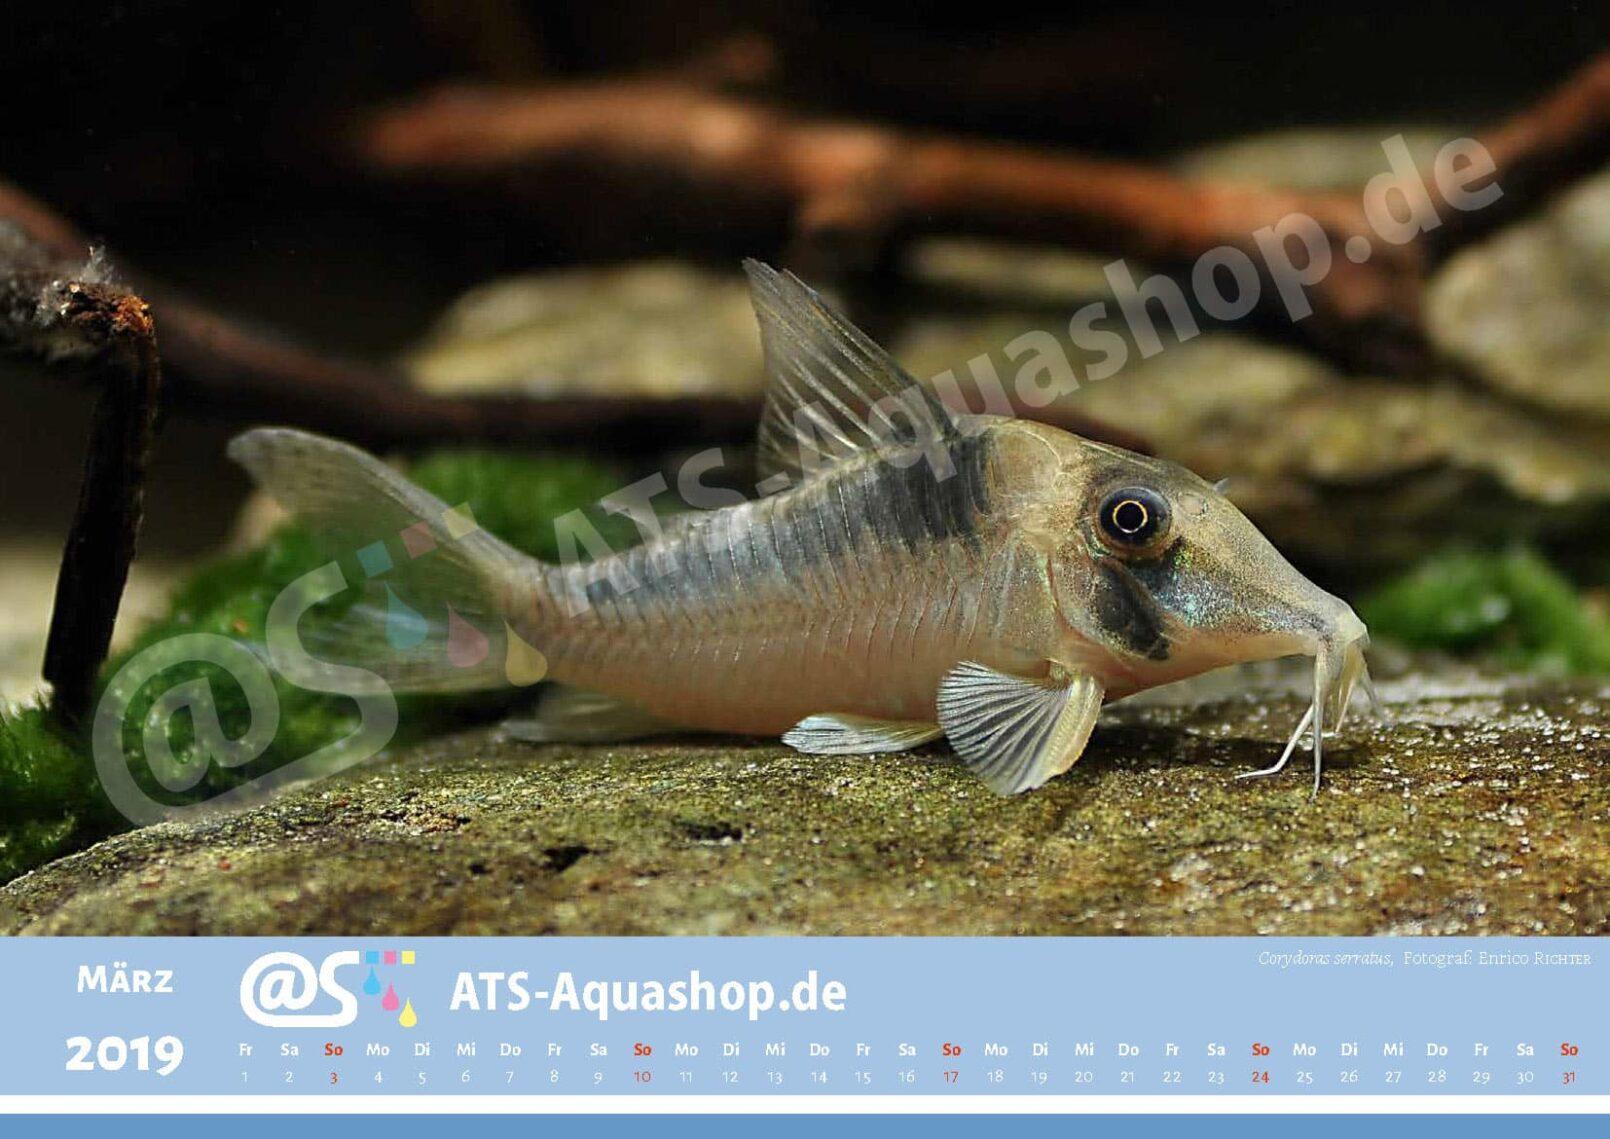 Foto Jahreskalender 2019 DIN A3: Corydoras serratus